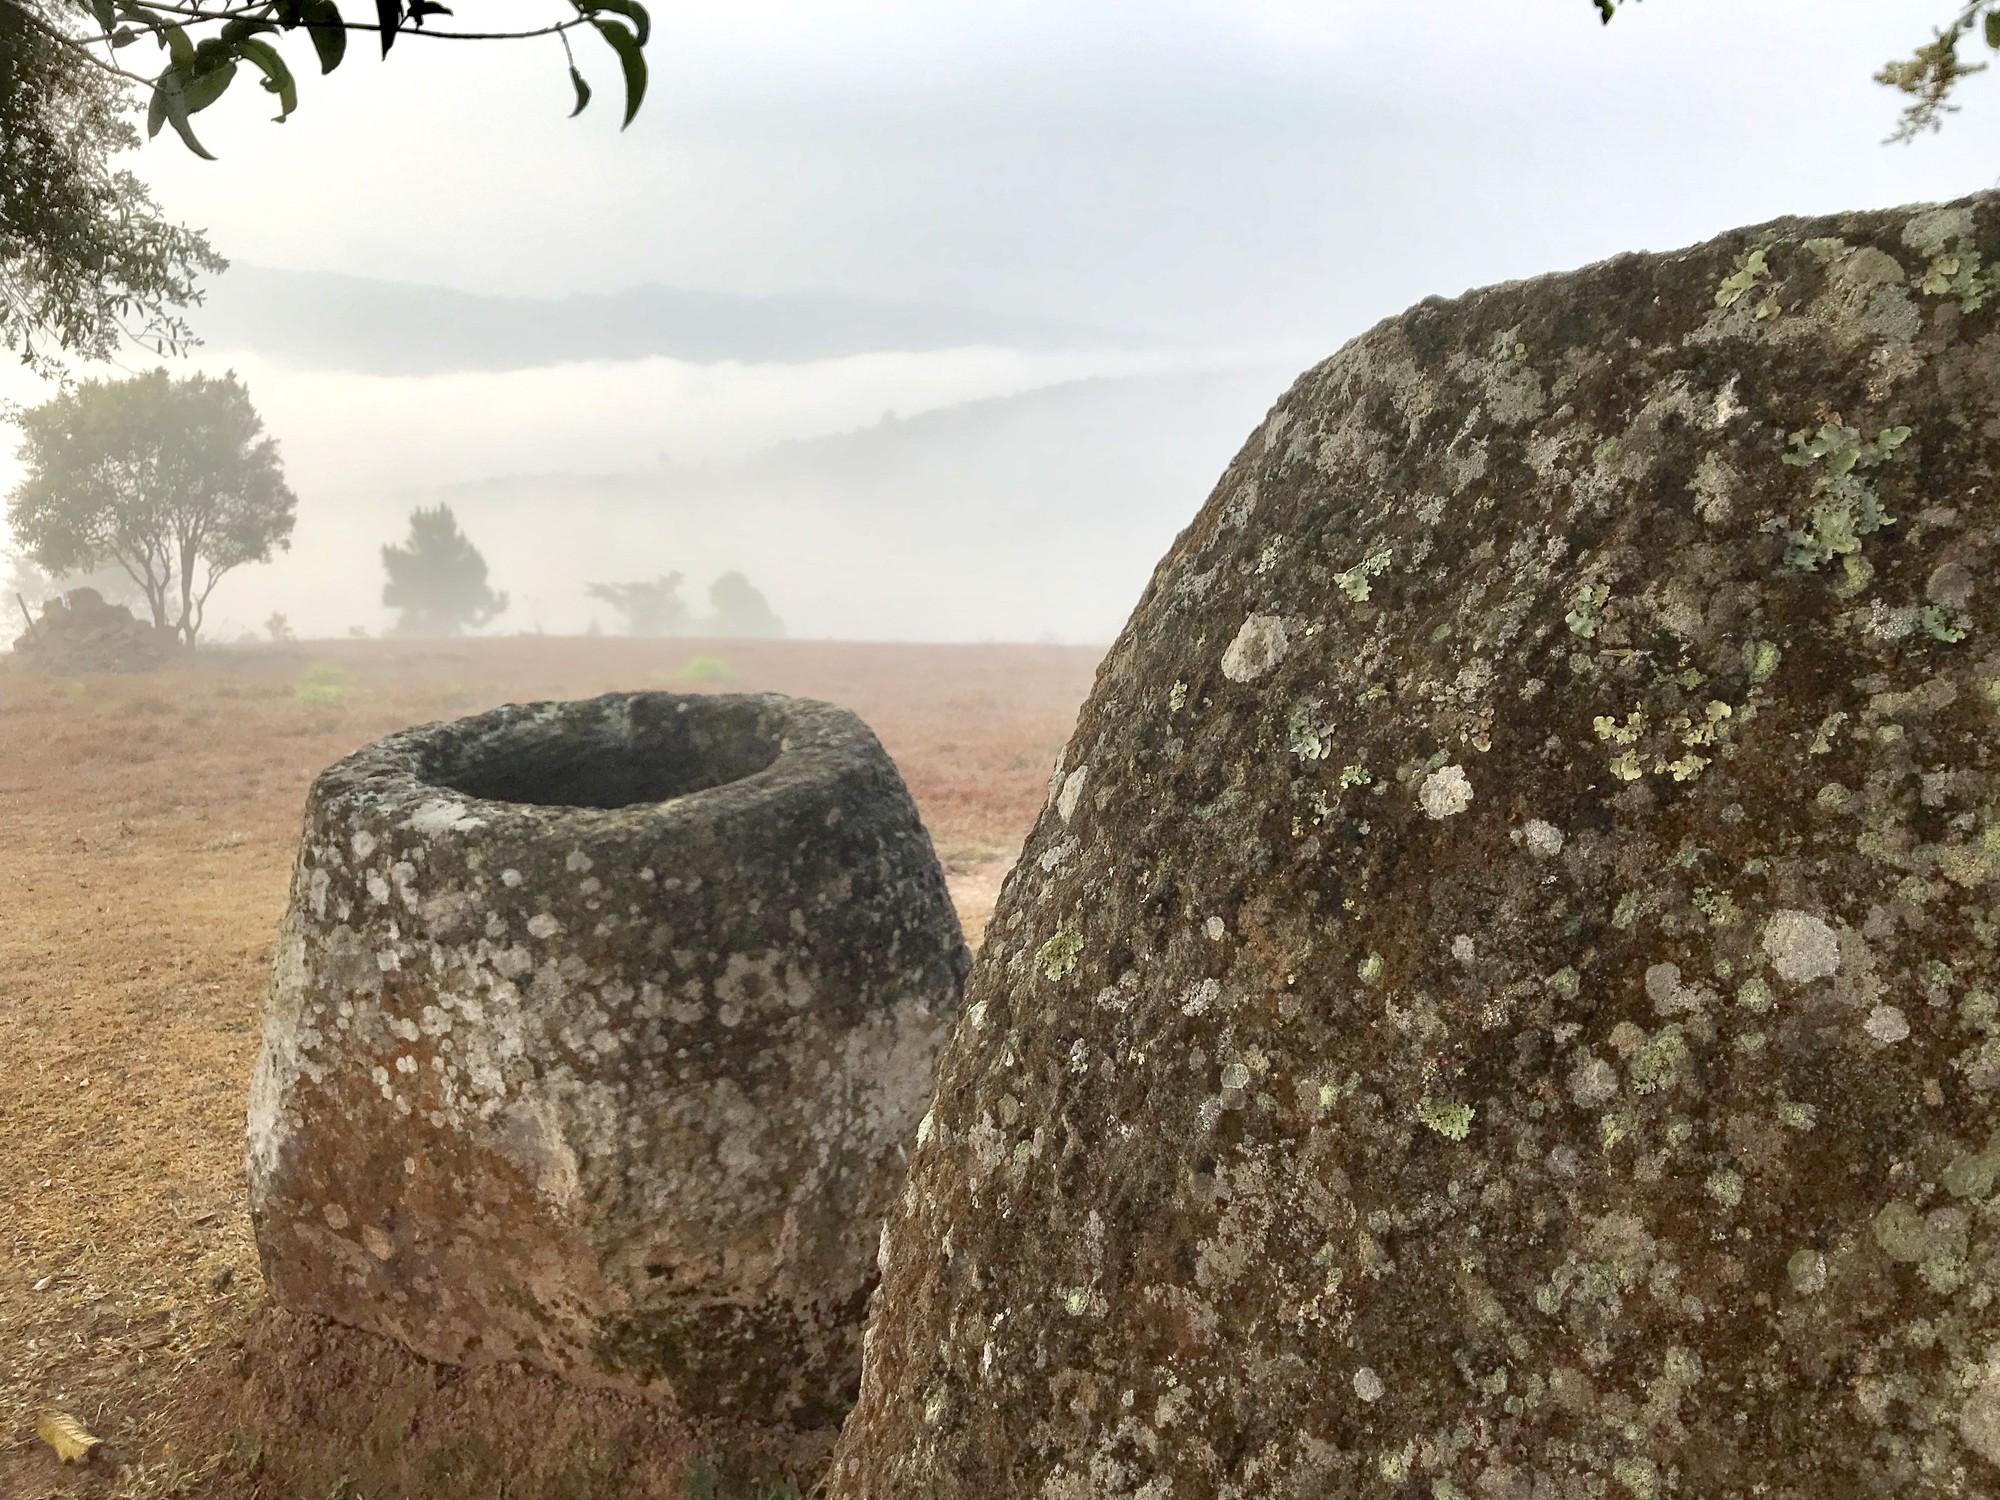 Bí ẩn hàng trăm chiếc chum đá của người chết được tìm thấy tại Lào: 2000 năm chưa có lời giải - Ảnh 3.